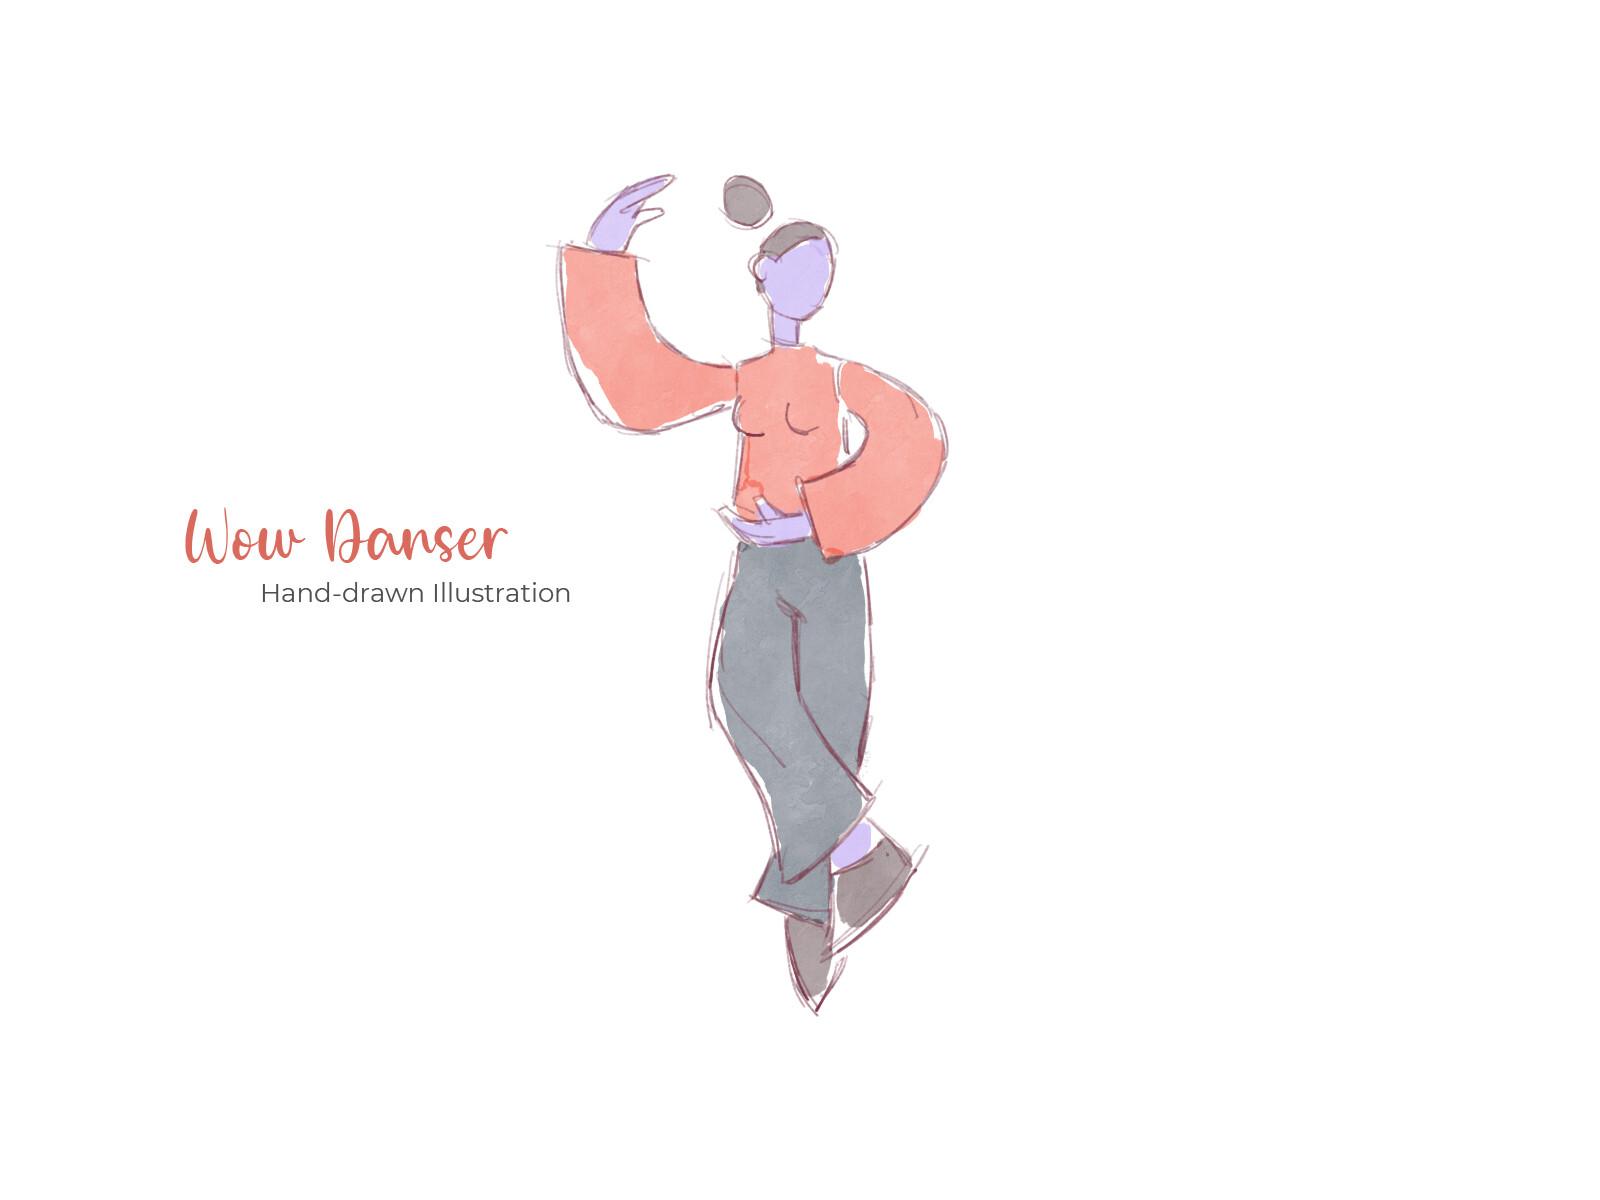 Wow Danser